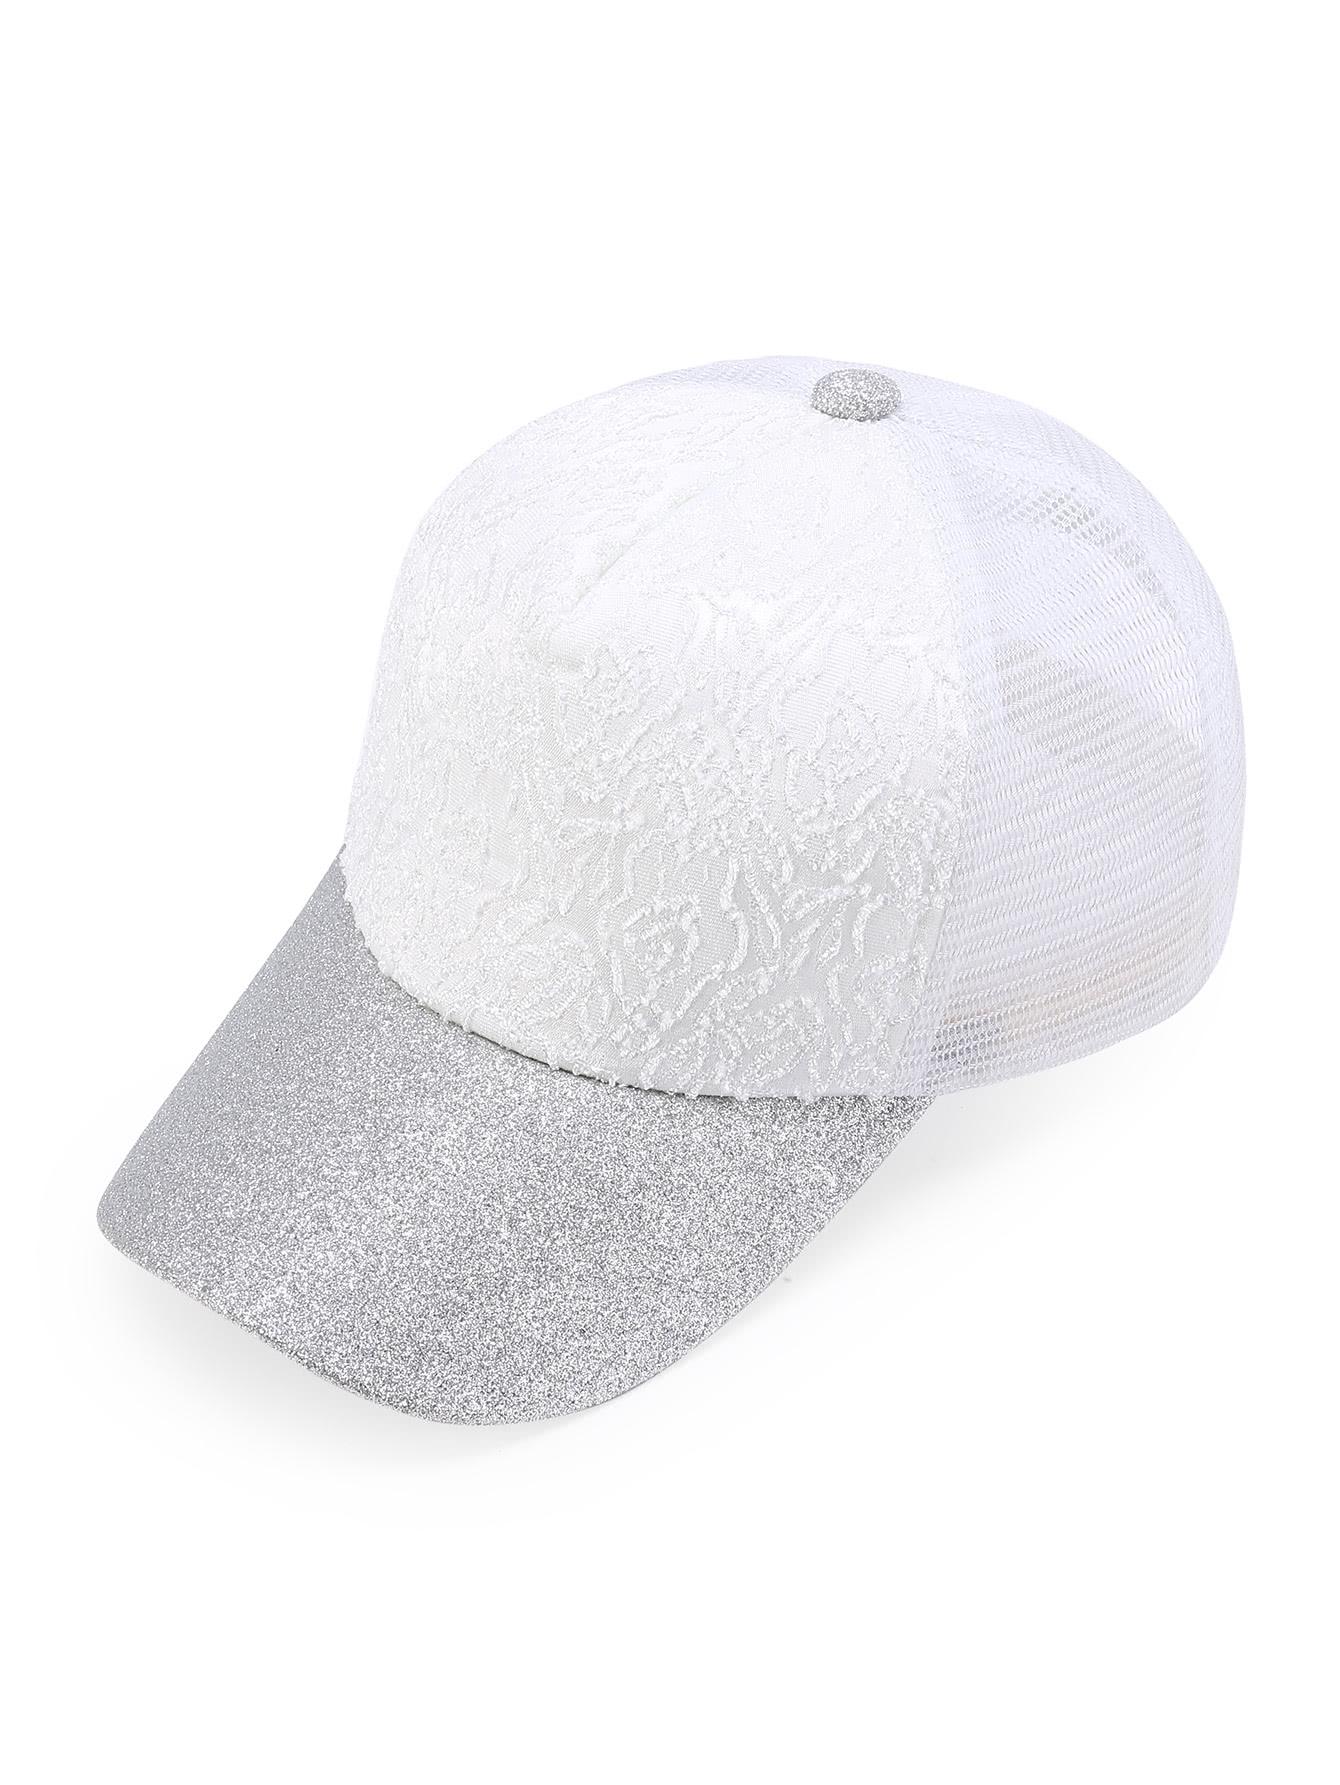 Фото Glitter Detail Lace Front Mesh Snapback Baseball Cap. Купить с доставкой